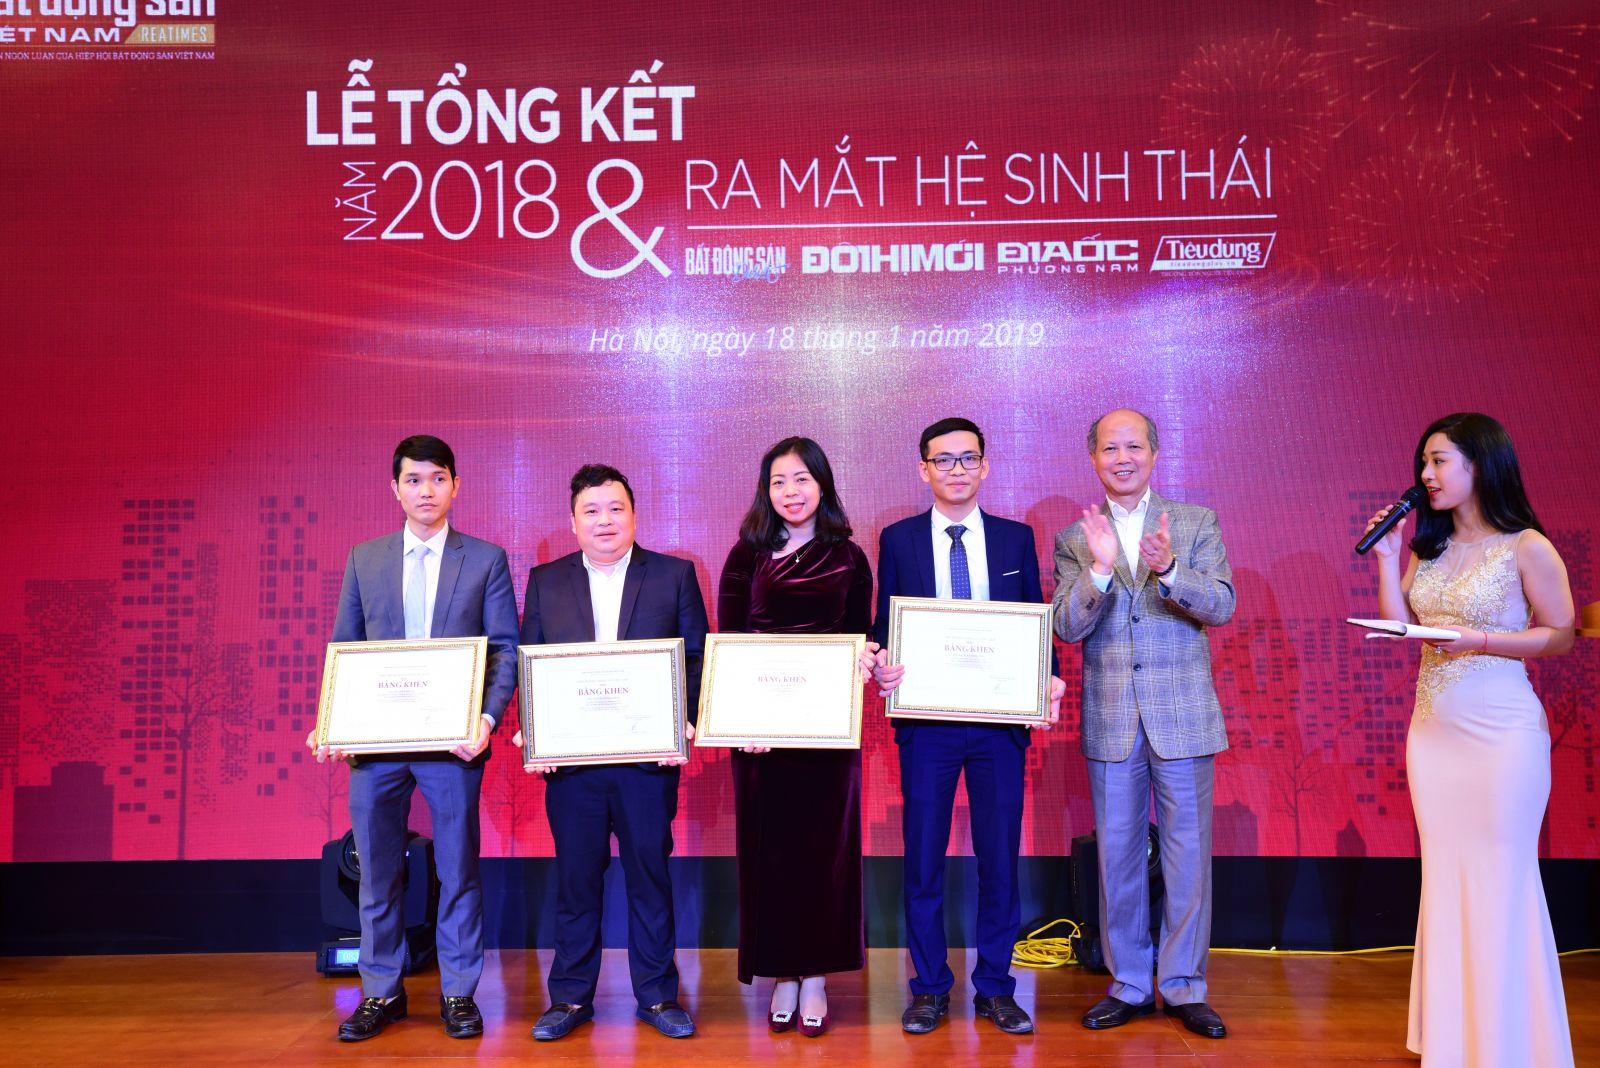 Chủ tịch Hiệp hội Bất động sản Việt Nam trao bằng khen cho các tổ chức cá nhân Tạp chí điện tử Bất động sản Việt Nam